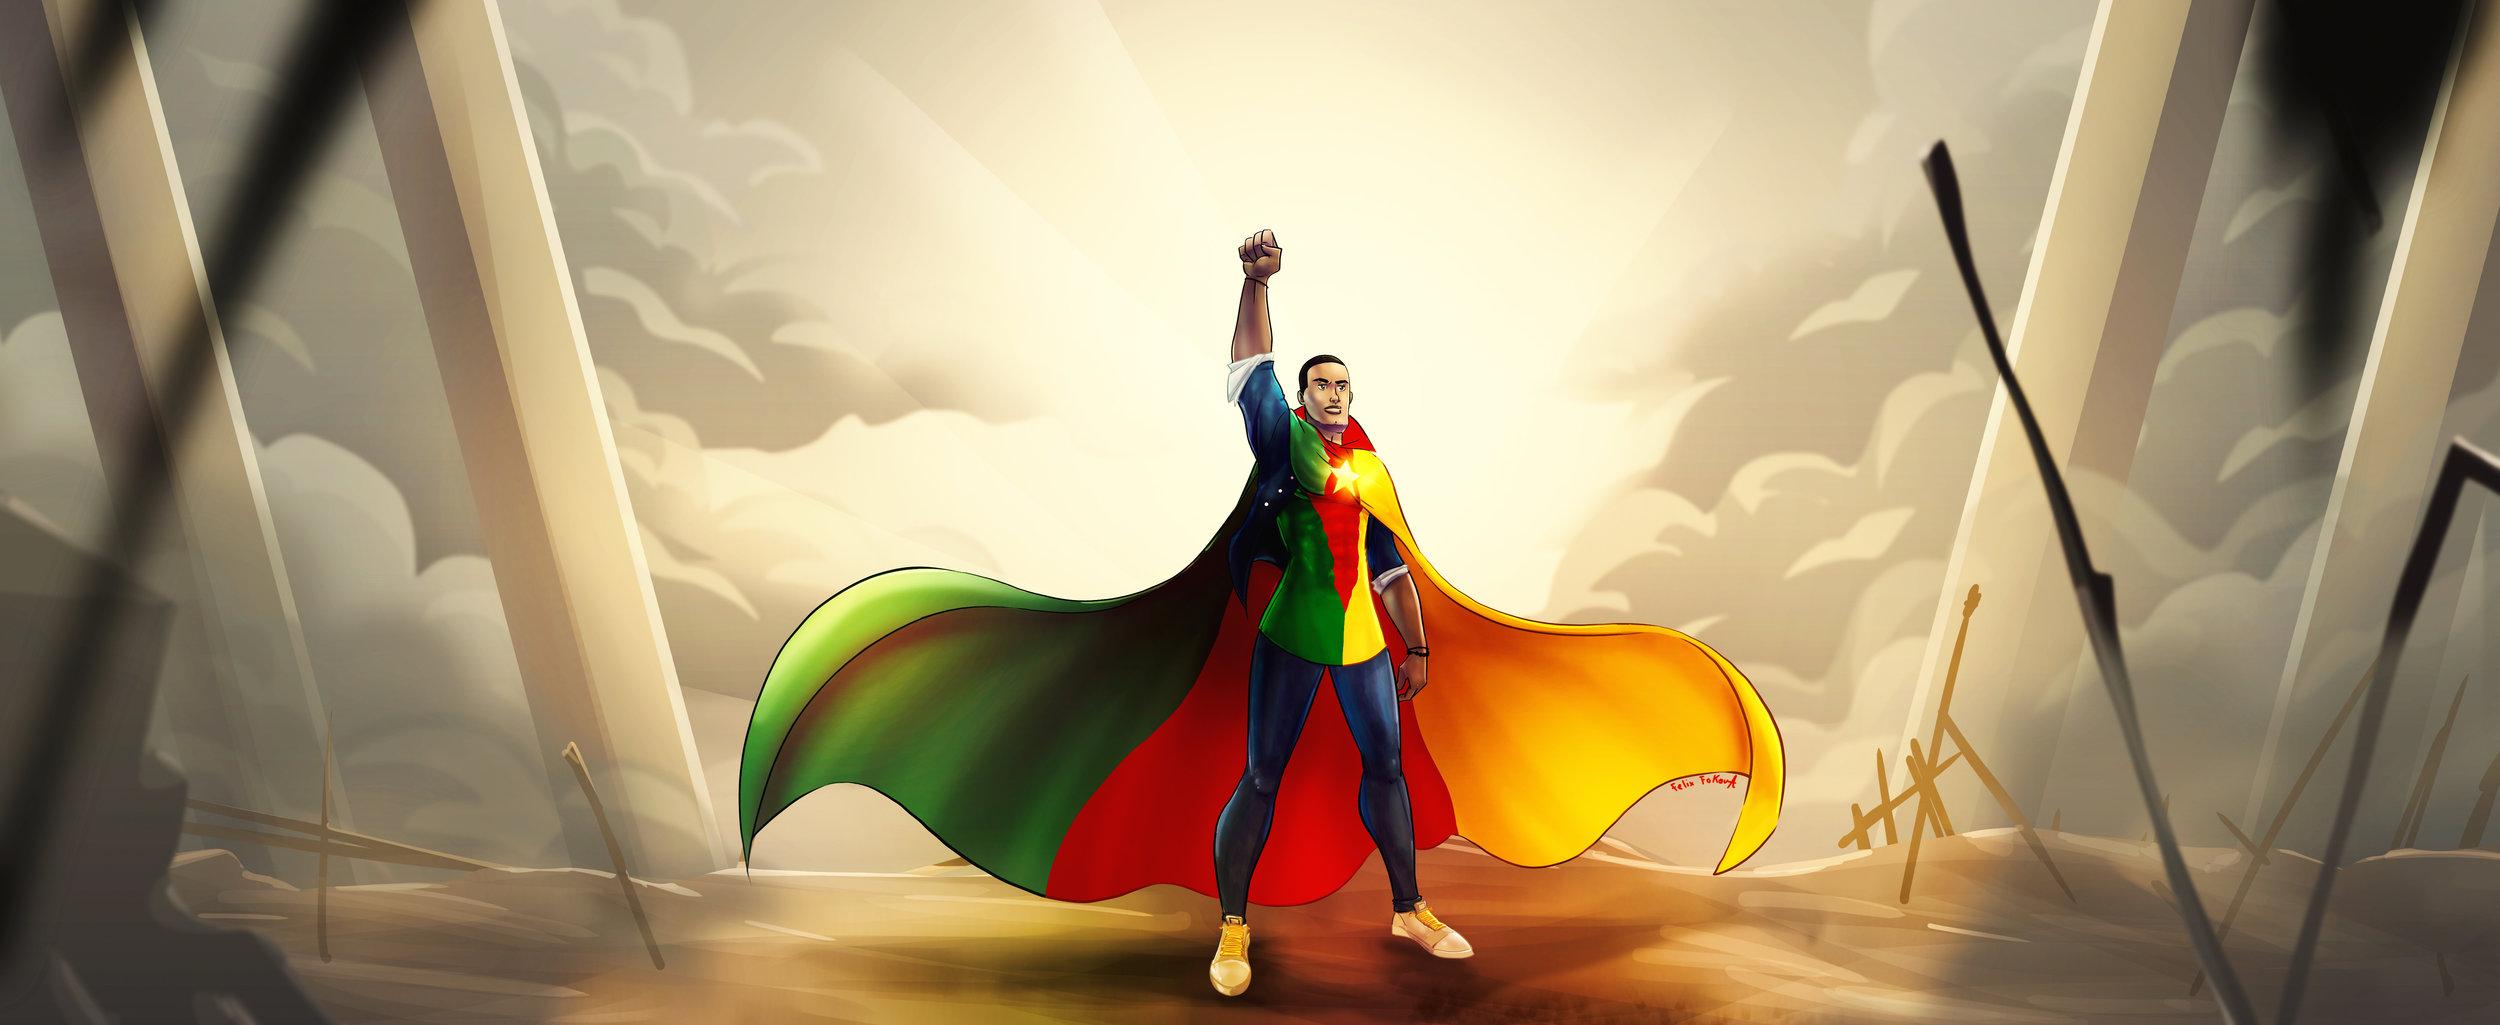 Heros2.jpg